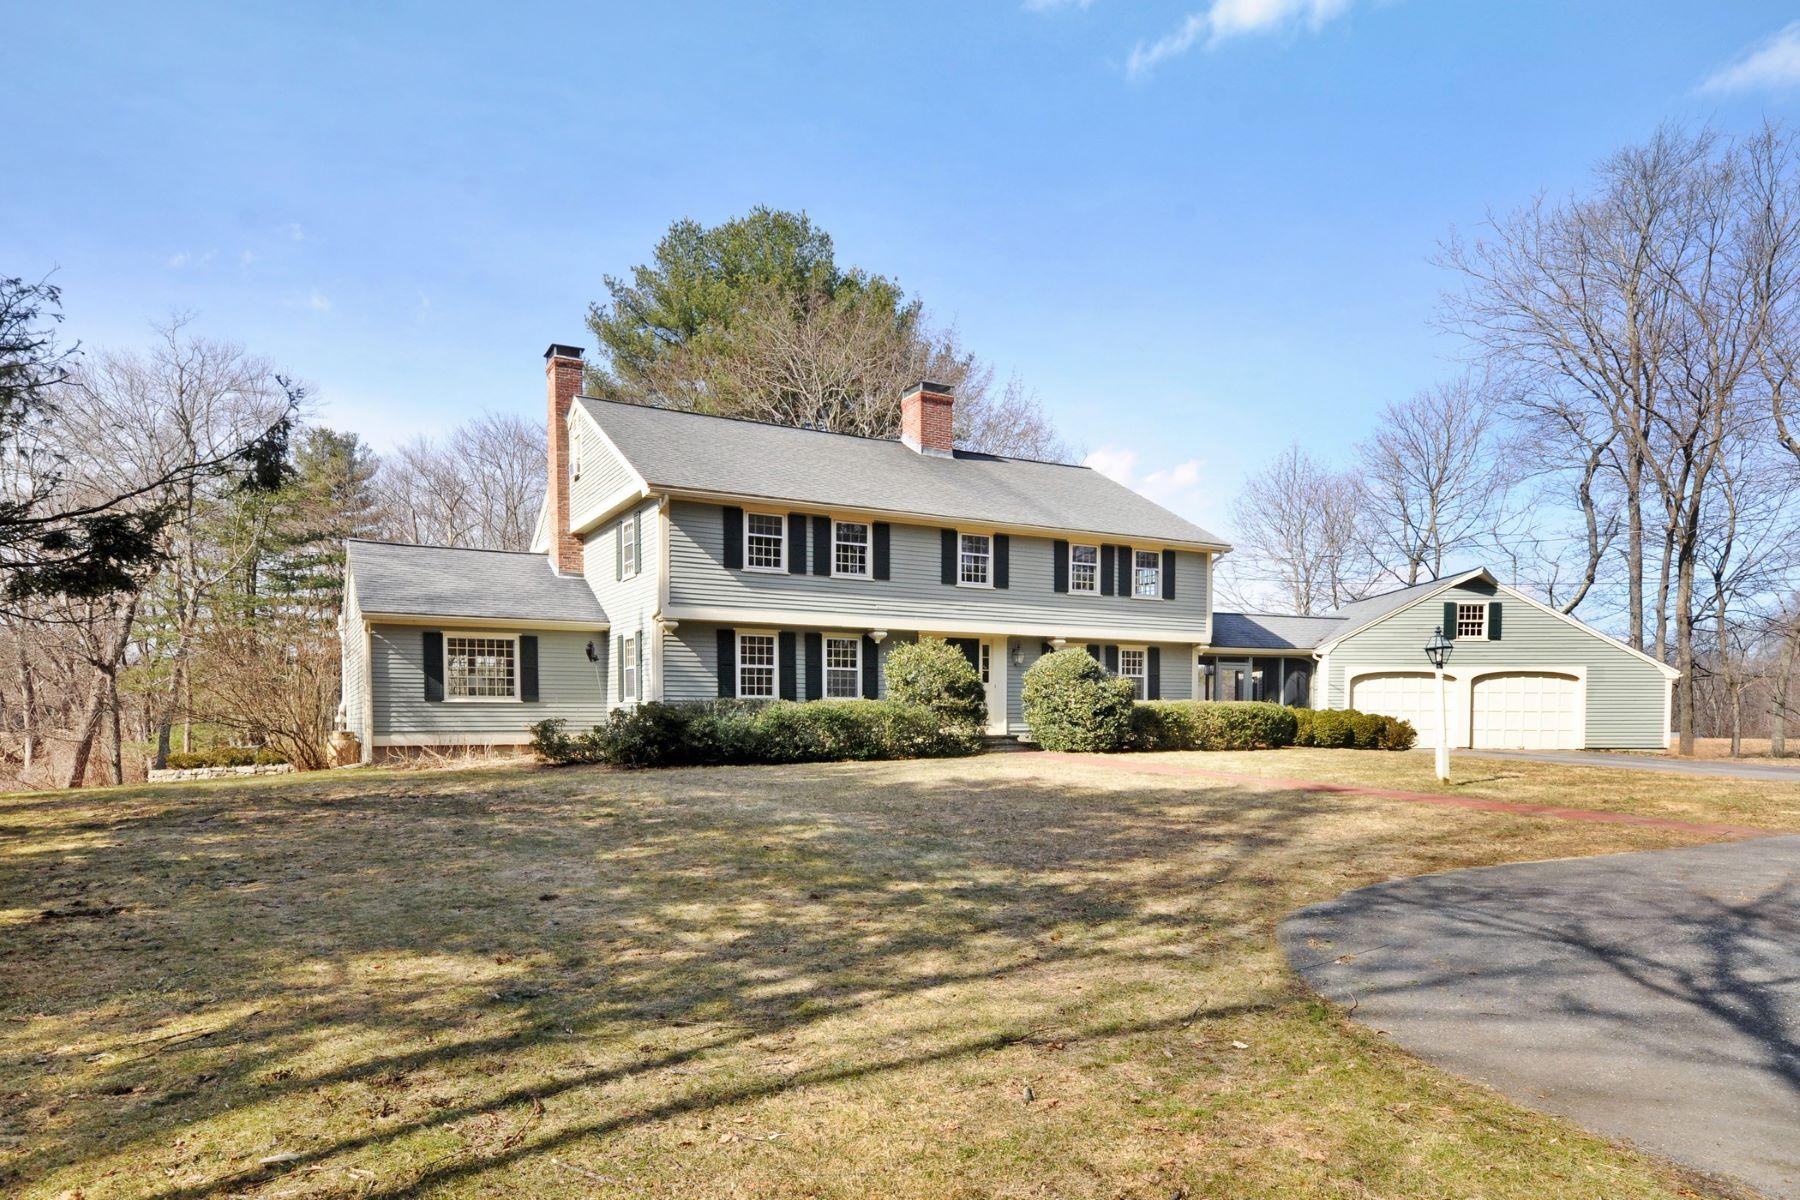 Nhà ở một gia đình vì Bán tại 1679 Lowell Road, Concord 1679 Lowell Rd, Concord, Massachusetts, 01742 Hoa Kỳ